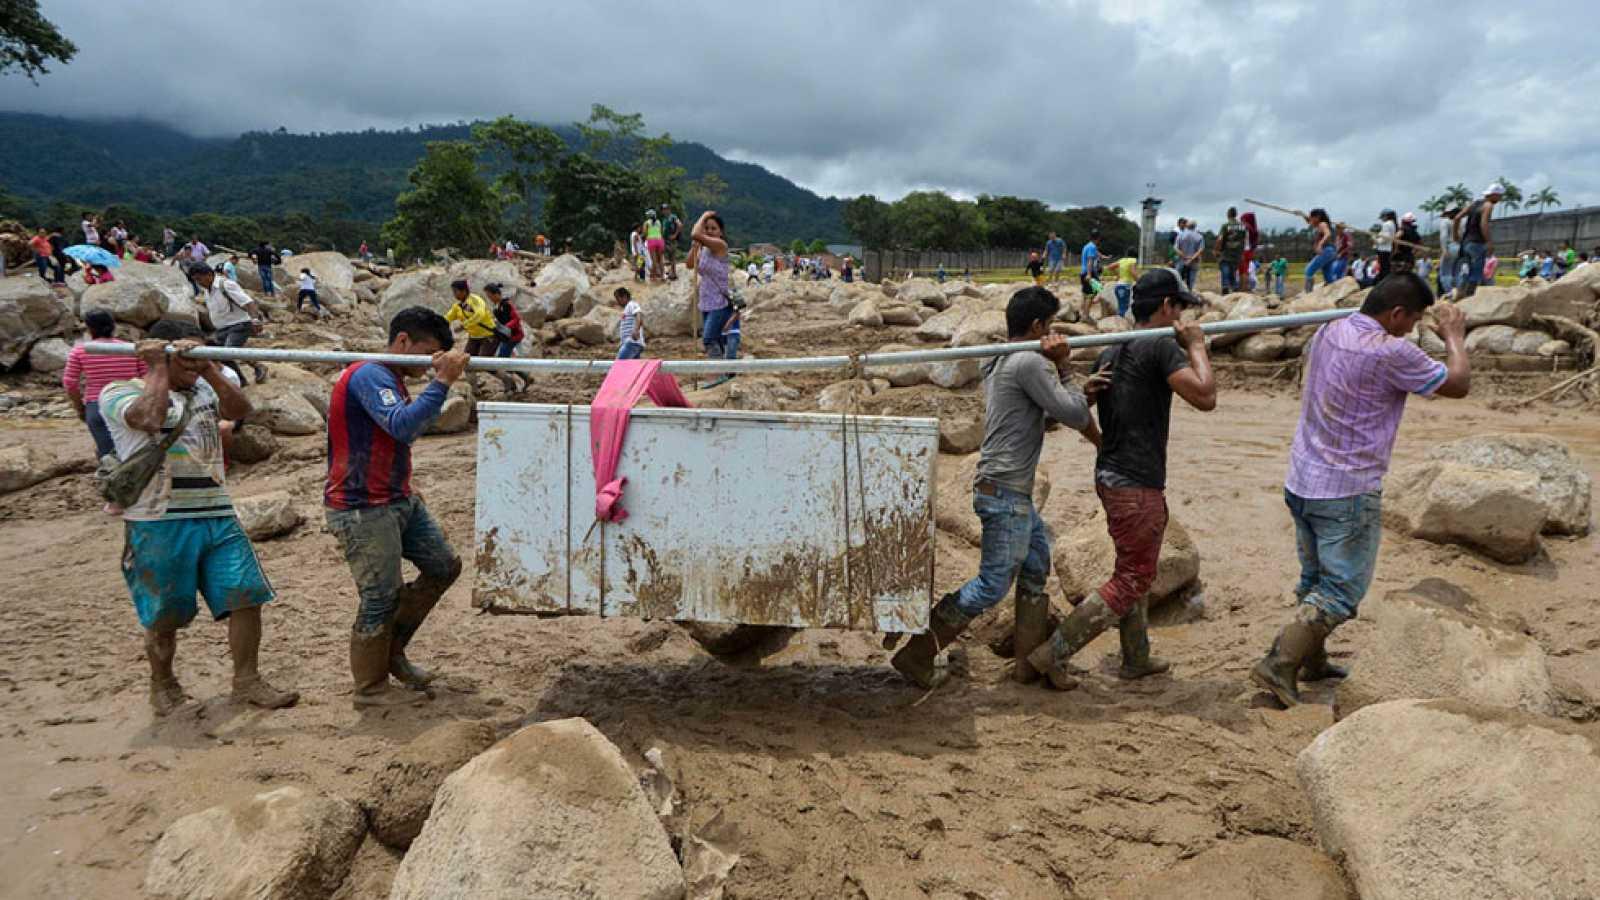 En Colombia, el balance de víctimas por la avalancha asciende ya a 254 muertos